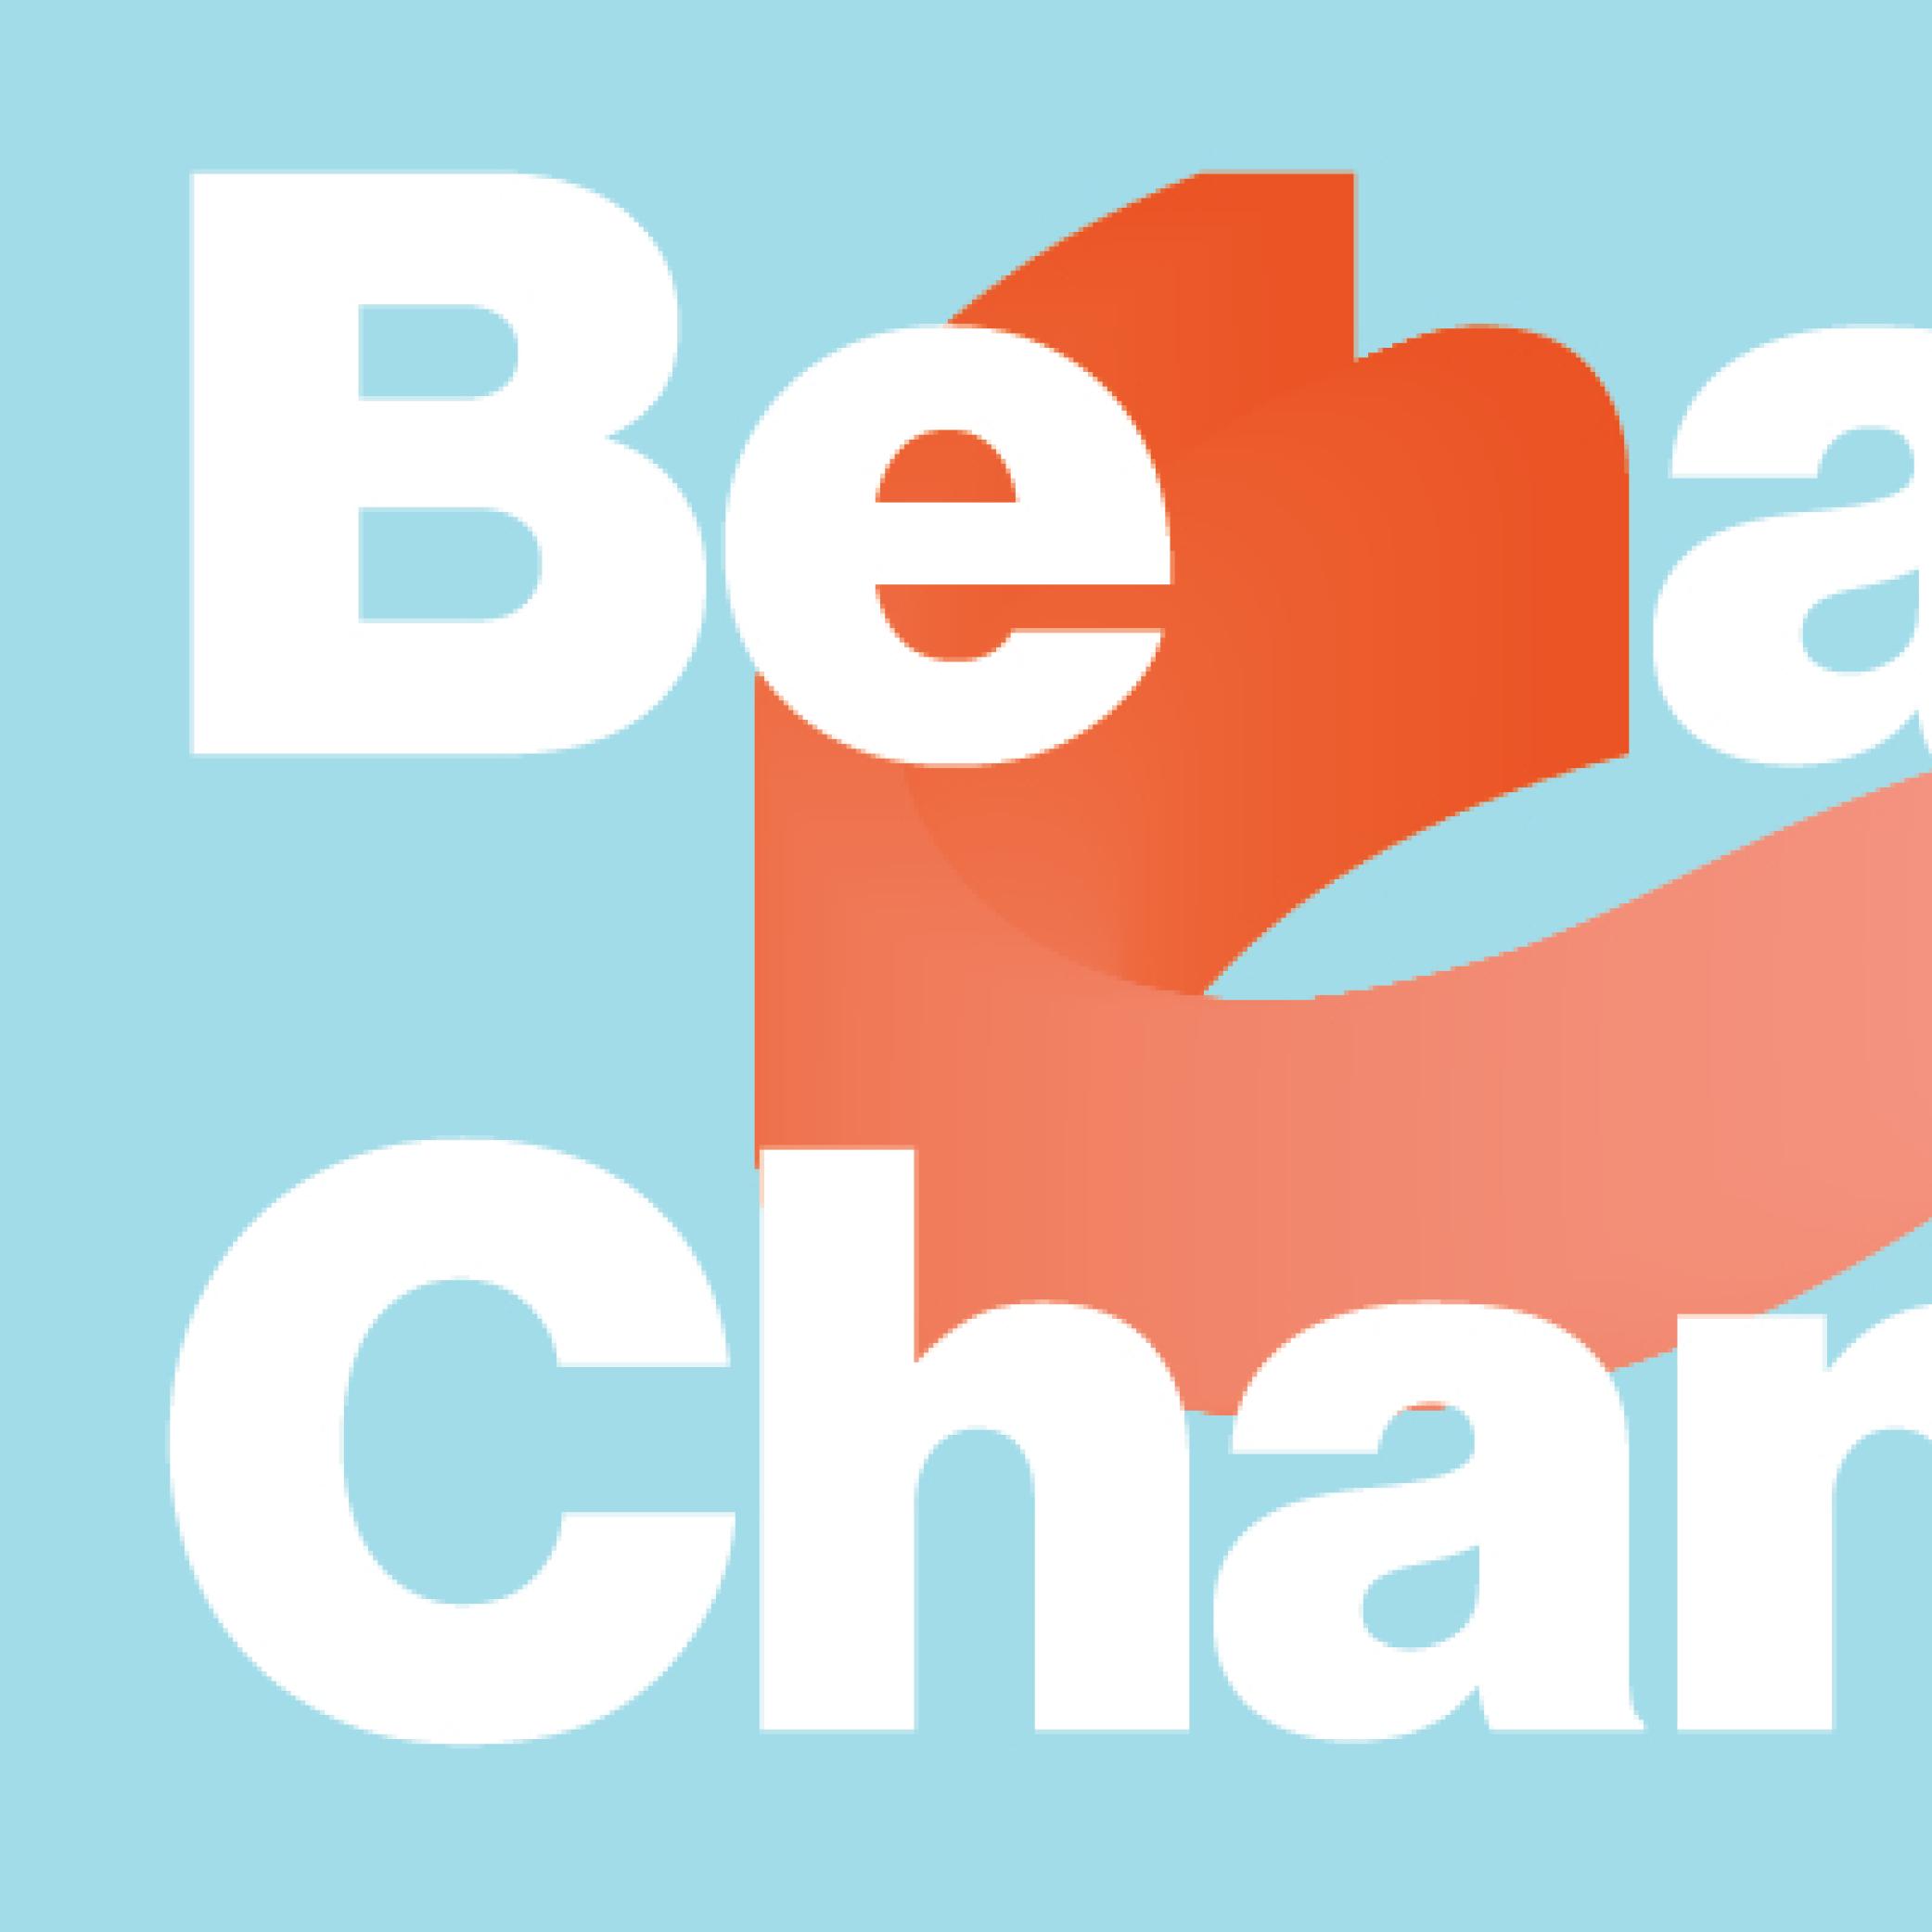 Behavior Change Workshop